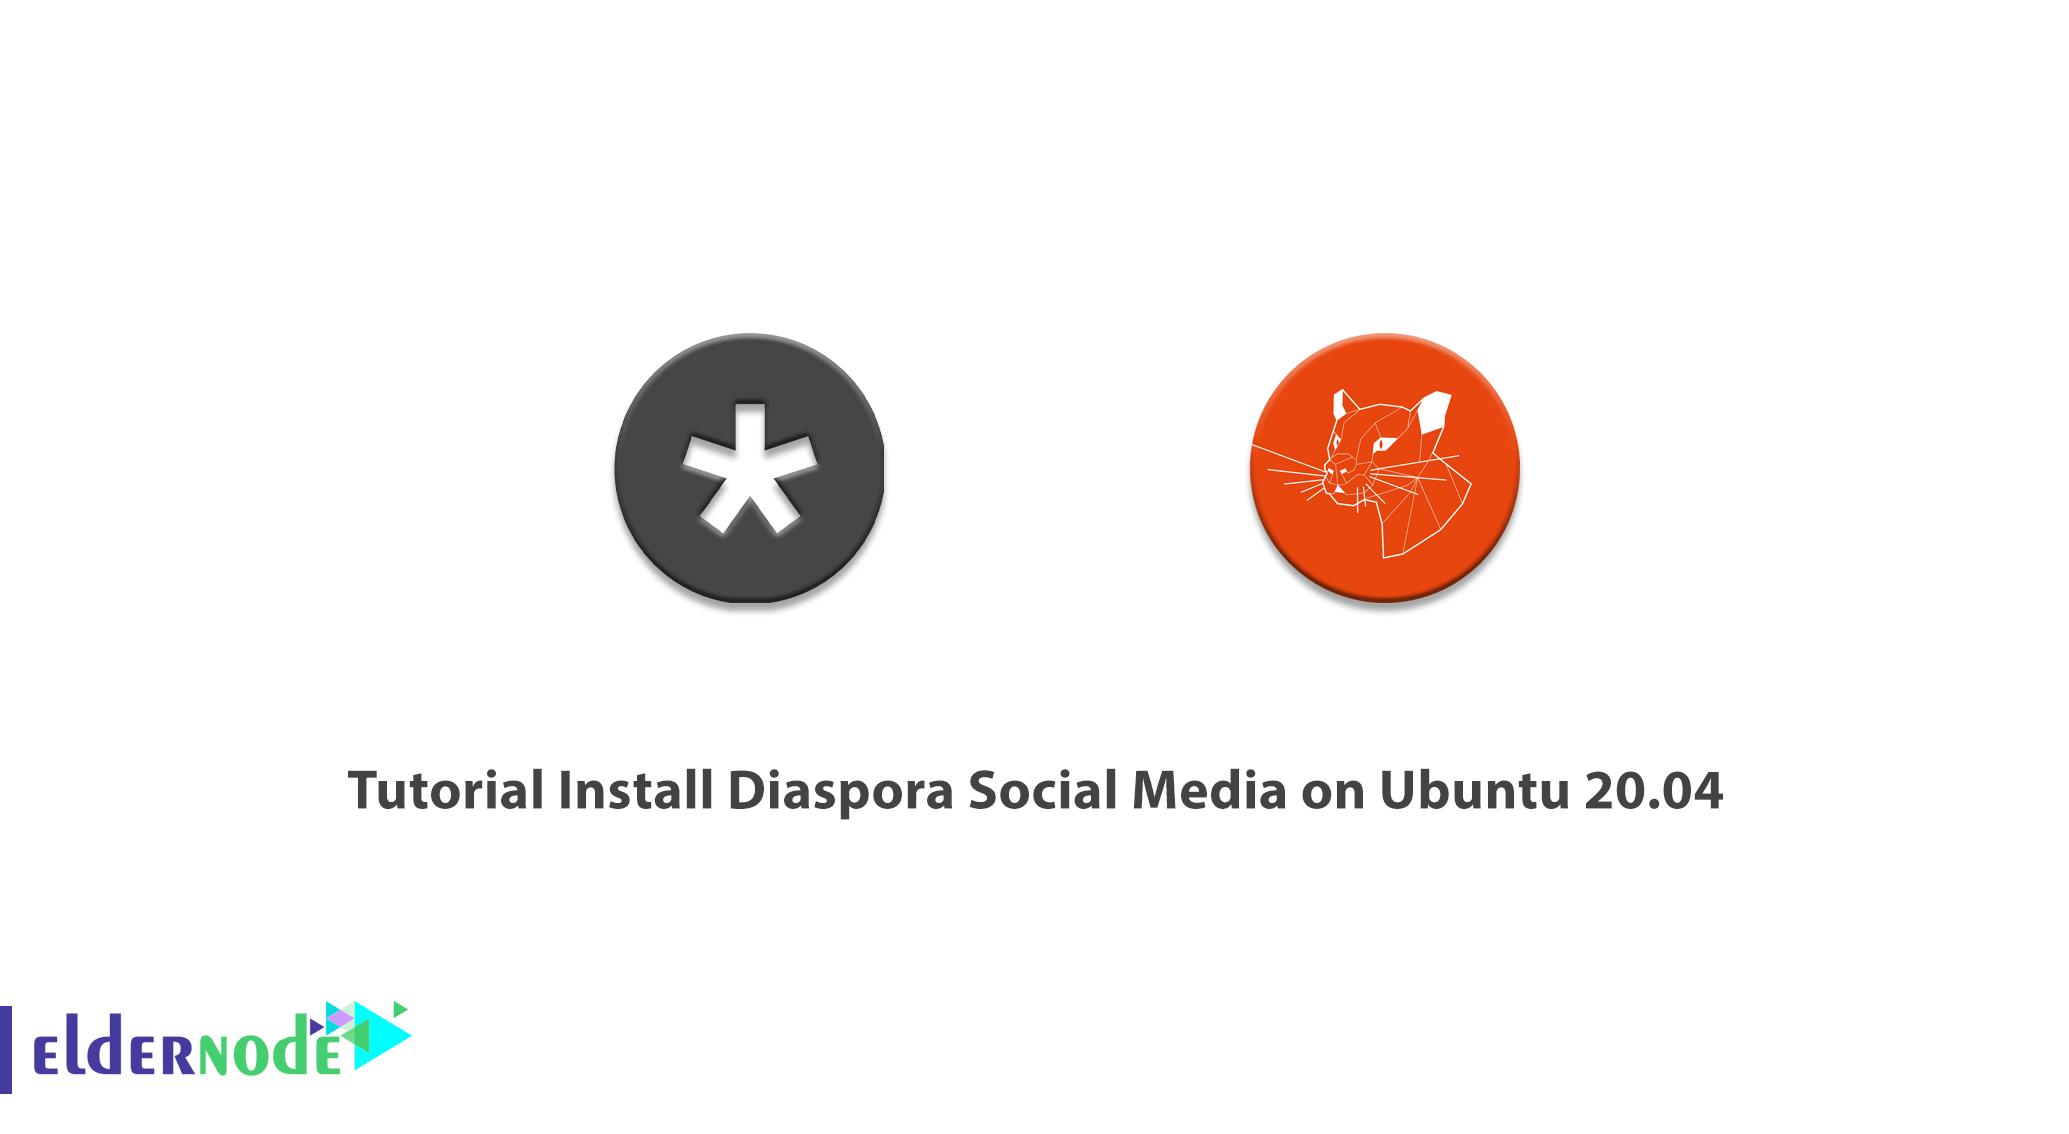 Tutorial Install Diaspora Social Media on Ubuntu 20.04